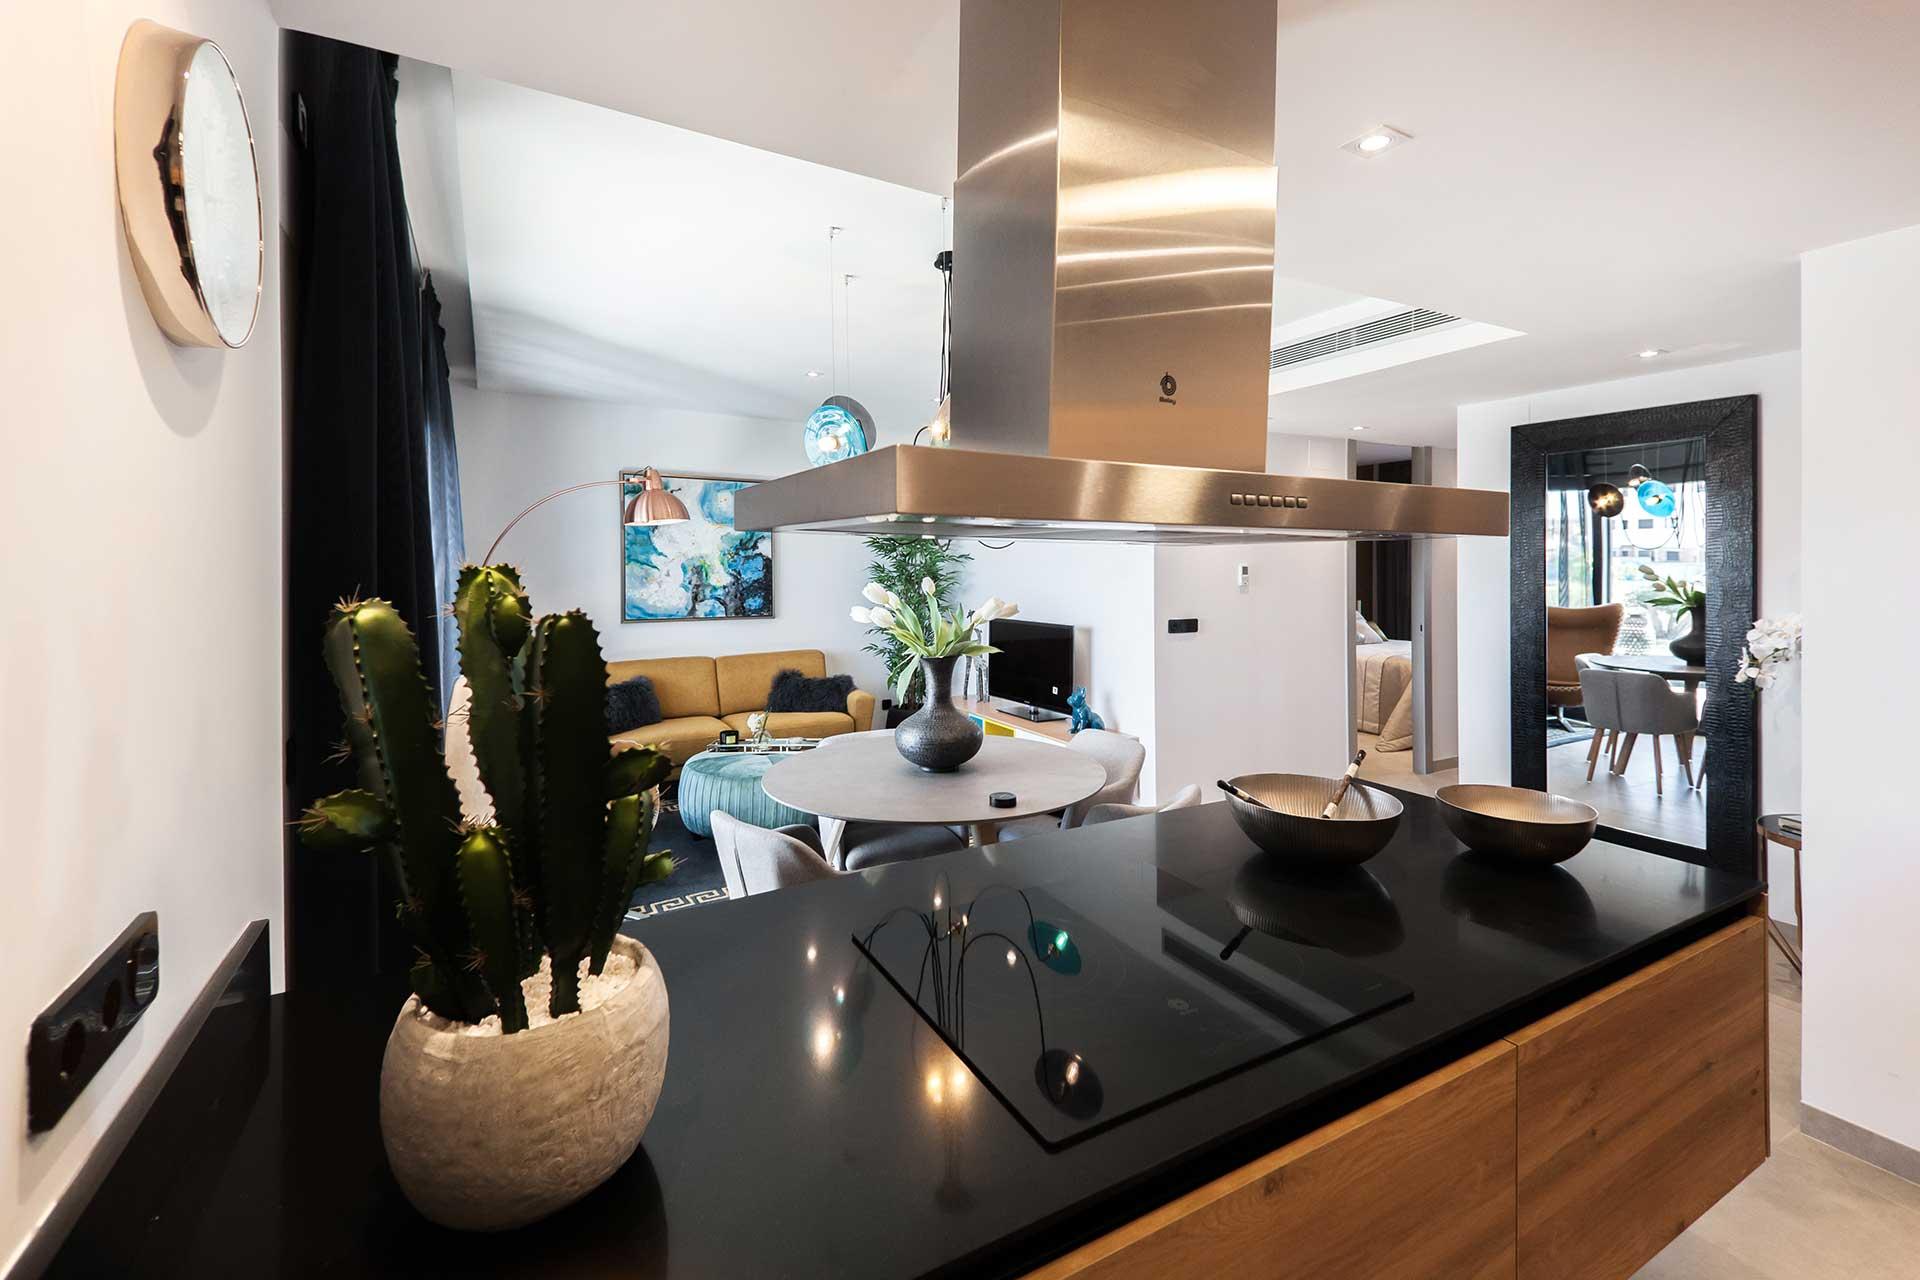 estetski izgled kuhinje